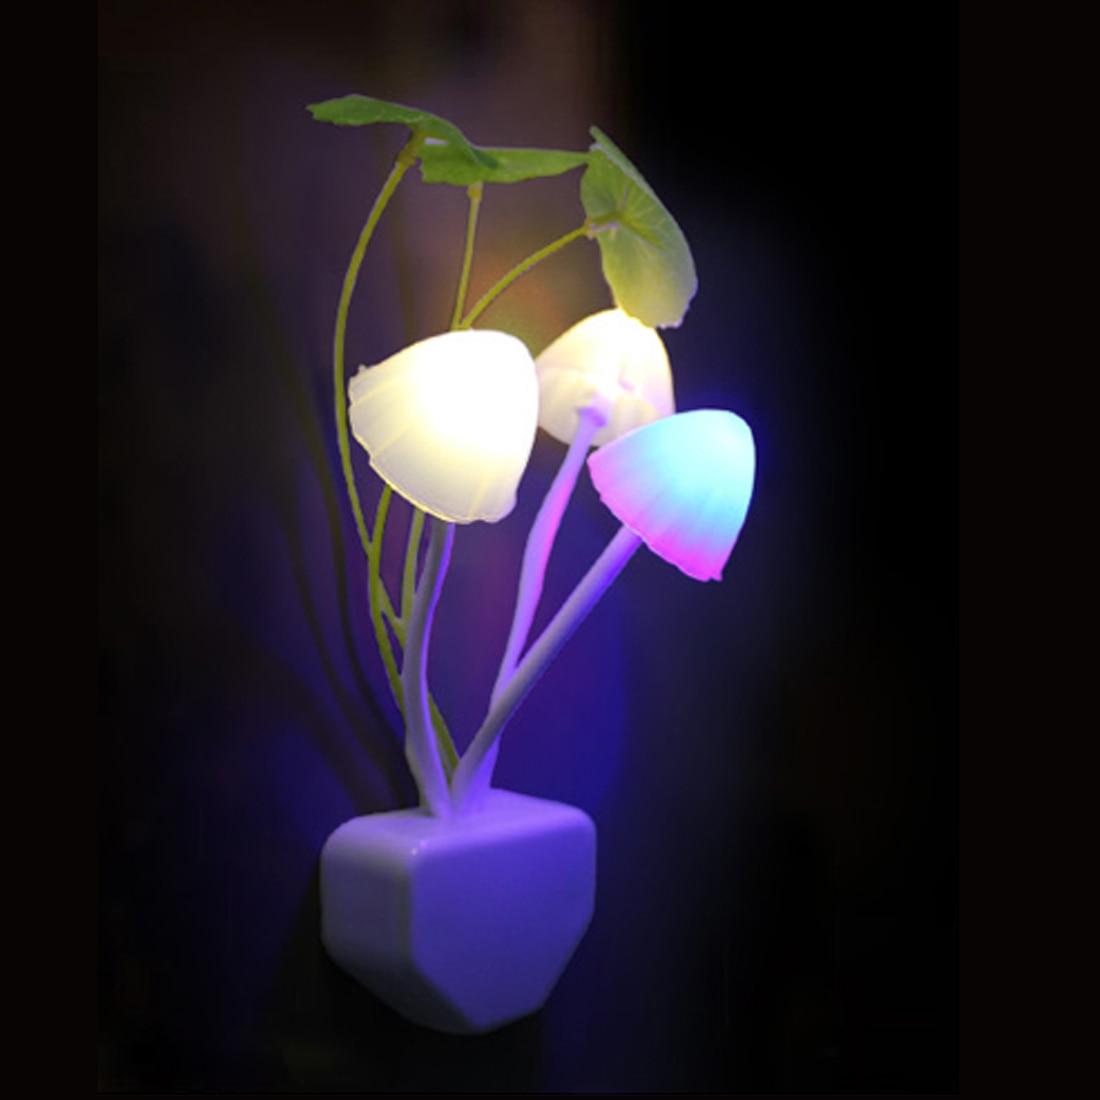 Novelty Mushroom Fungus Night Light EU & US Plug Light Sensor 220V 3 LED Colorful Mushroom Lamp Led Night Lights